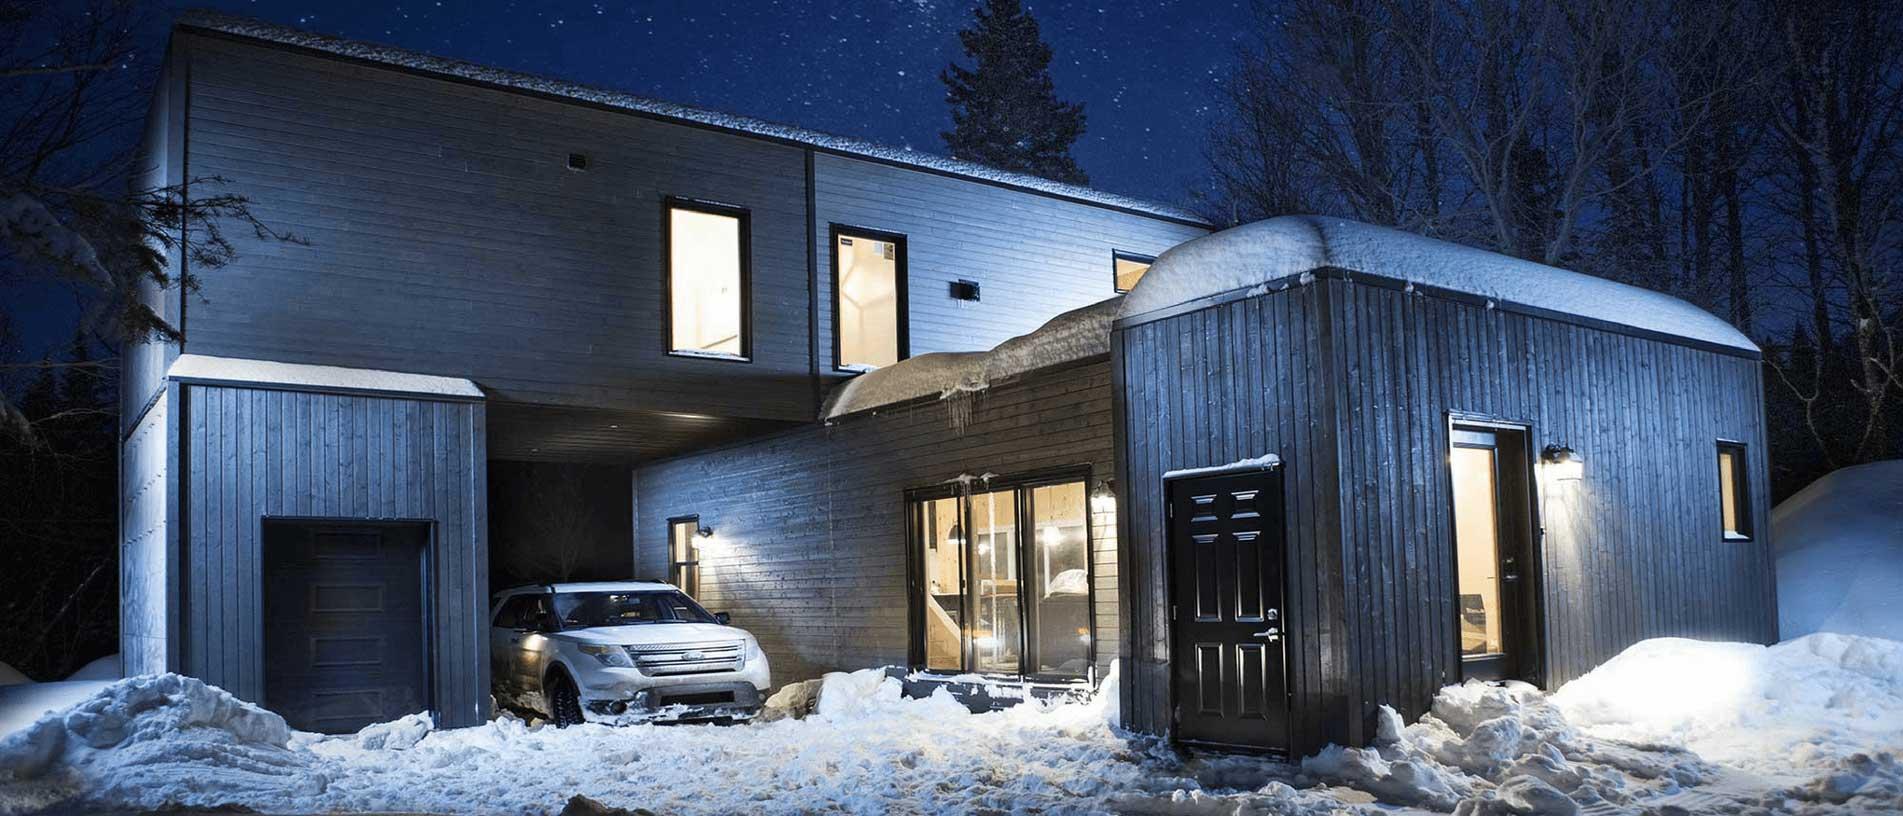 Coolbox gris nuit hiver